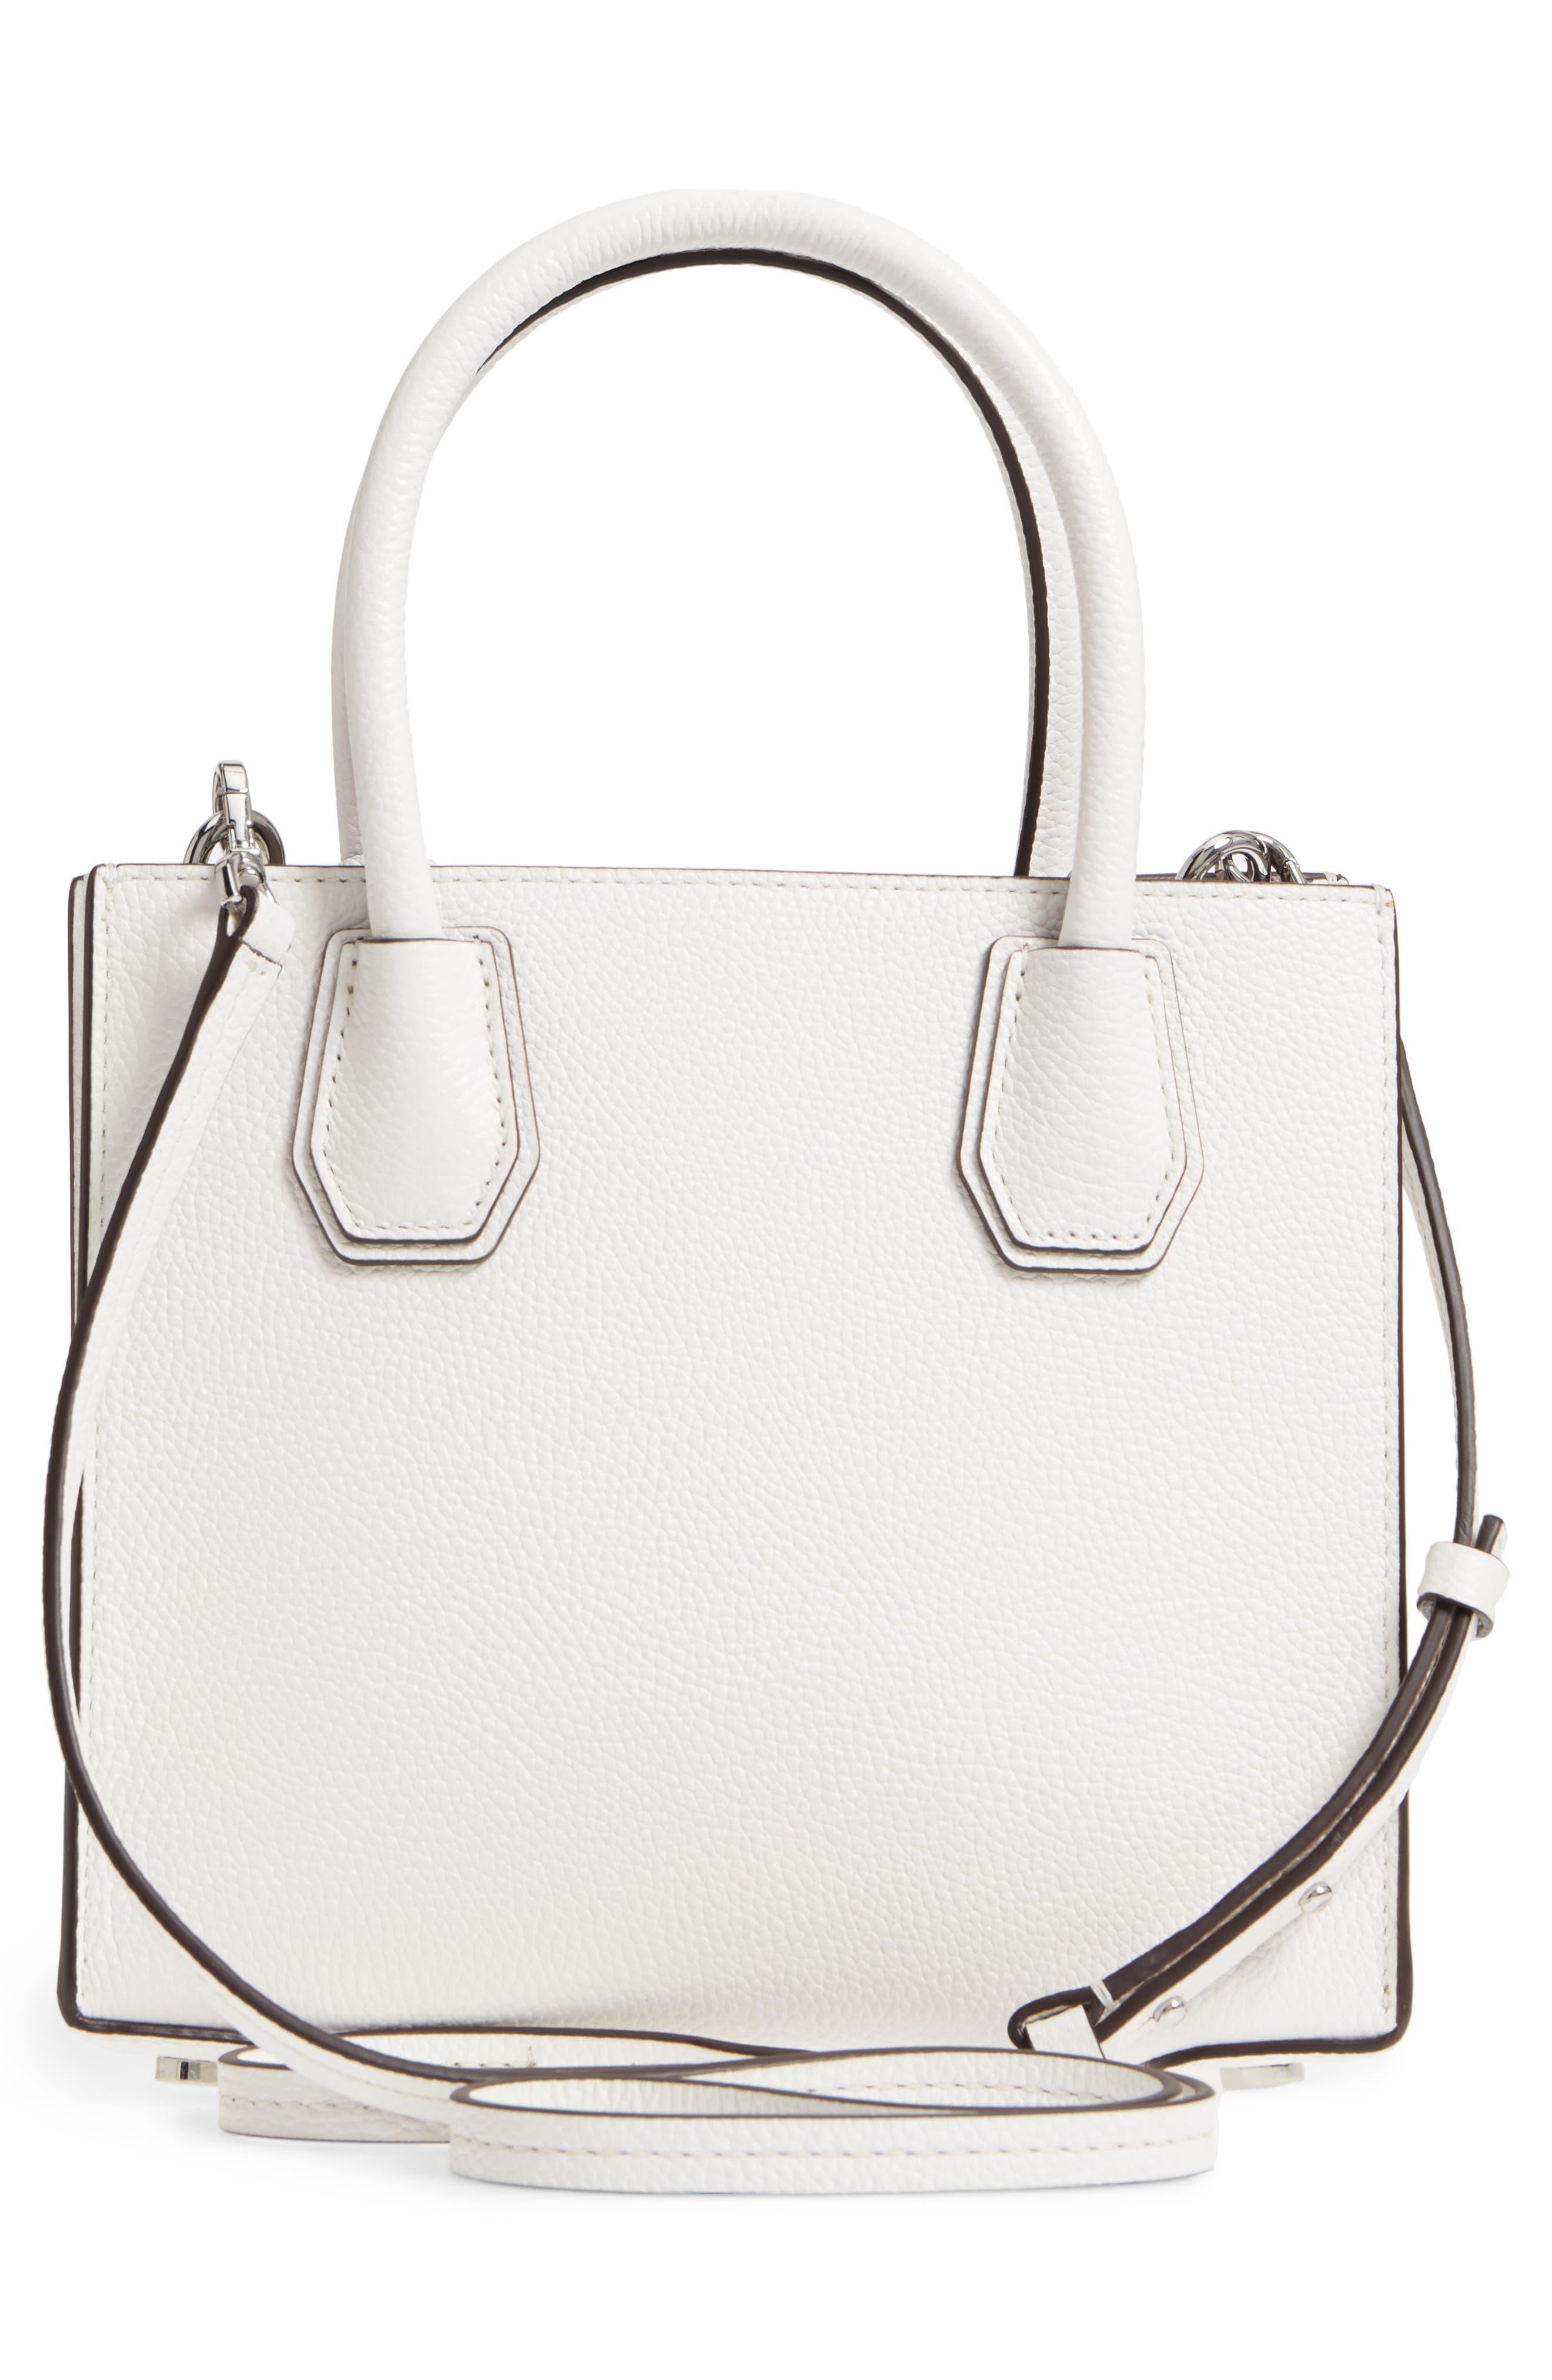 Mercer Leather Crossbody Bag,                             Alternate thumbnail 3, color,                             WHITE